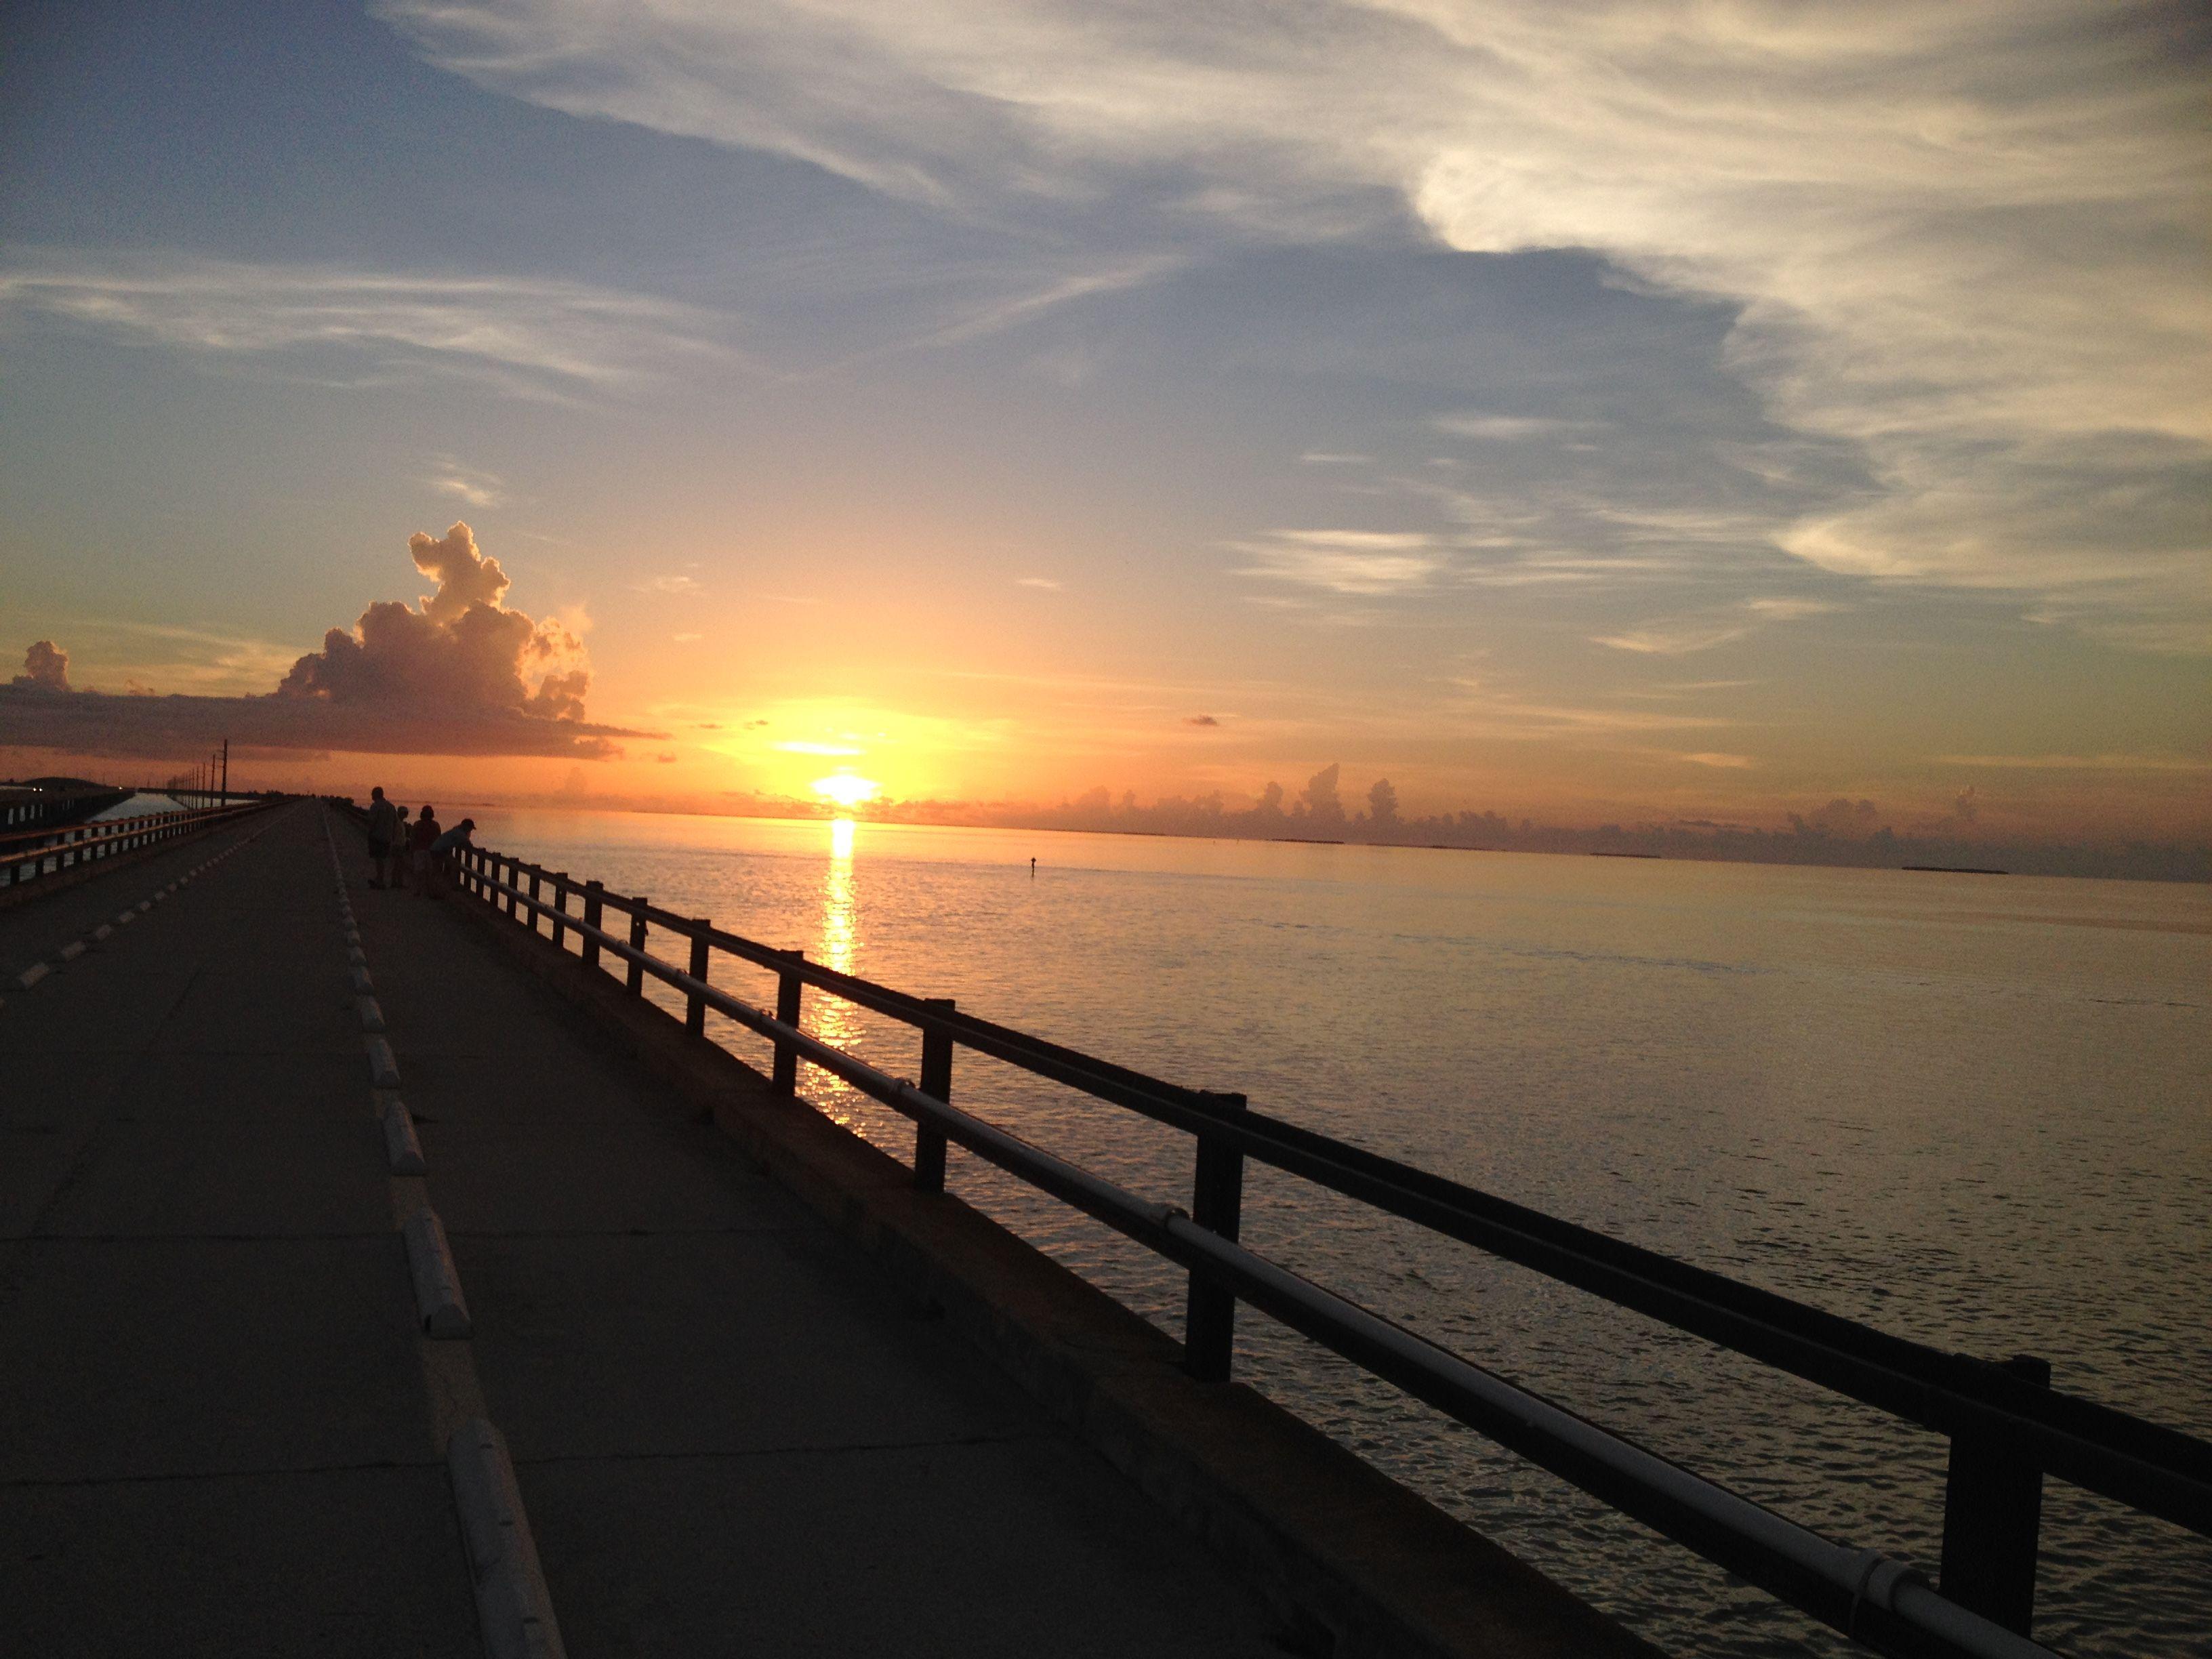 Sunset on 7 mile bridge. Marathon, FL Sunset, Vacation